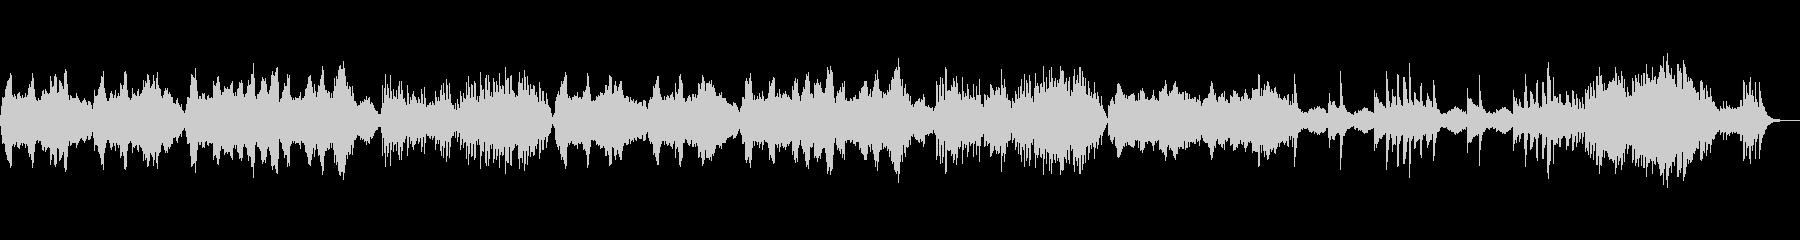 ホラーテイストのオーケストラ の未再生の波形